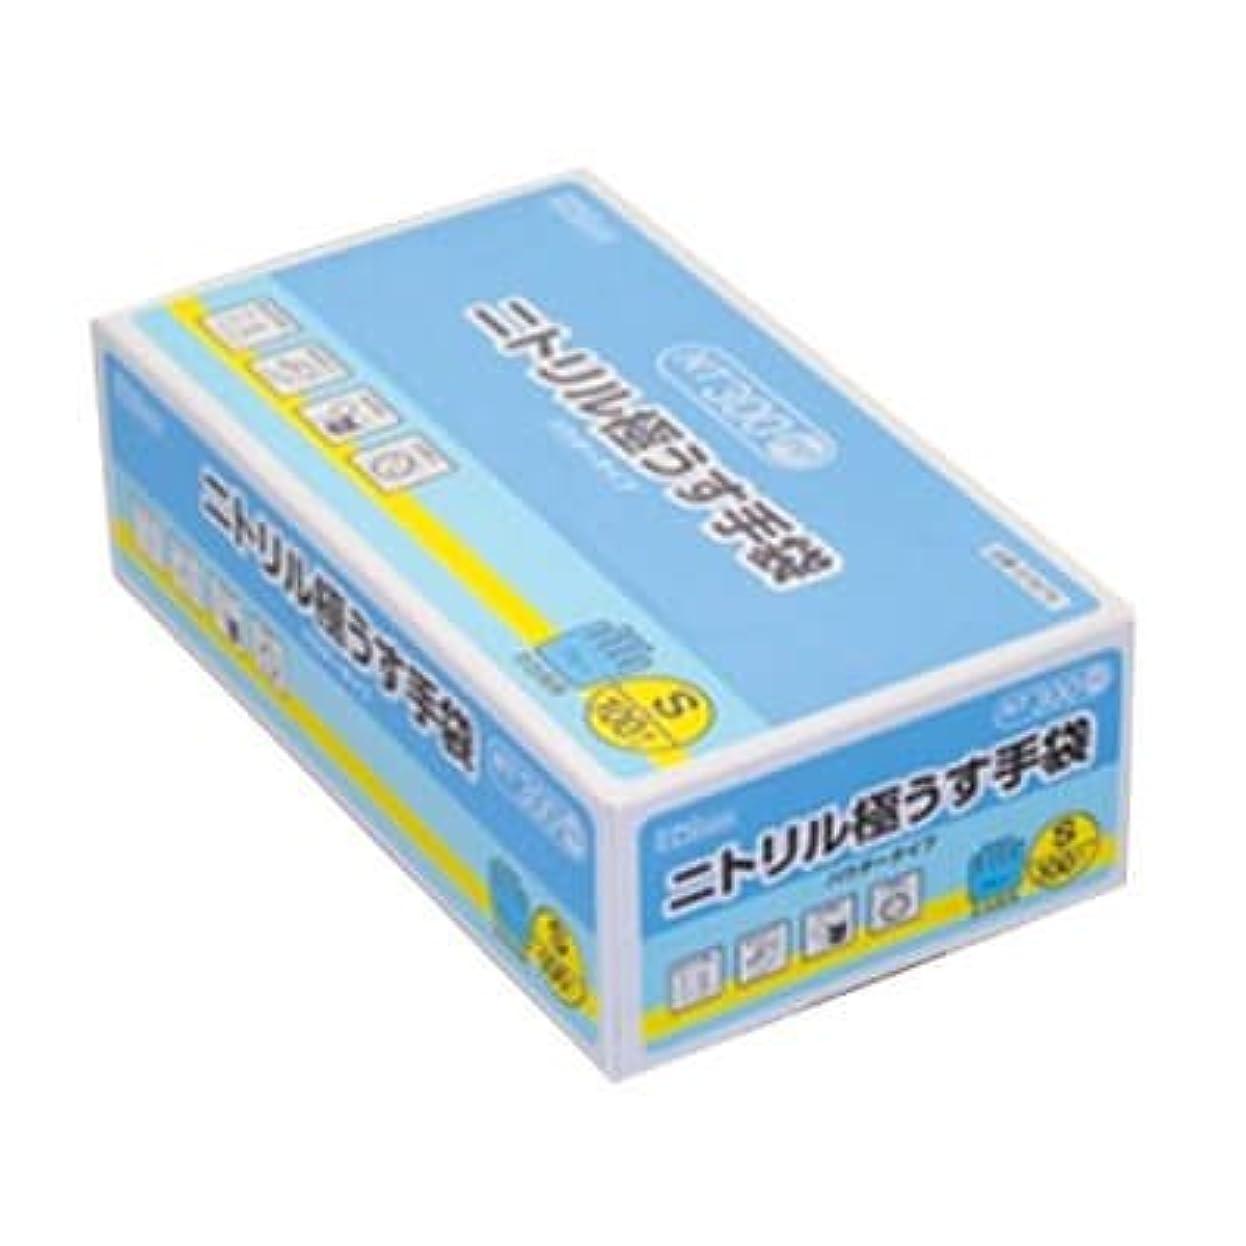 ファンドツール凝縮する【ケース販売】 ダンロップ ニトリル極うす手袋 粉付 S ブルー NT-300 (100枚入×20箱)